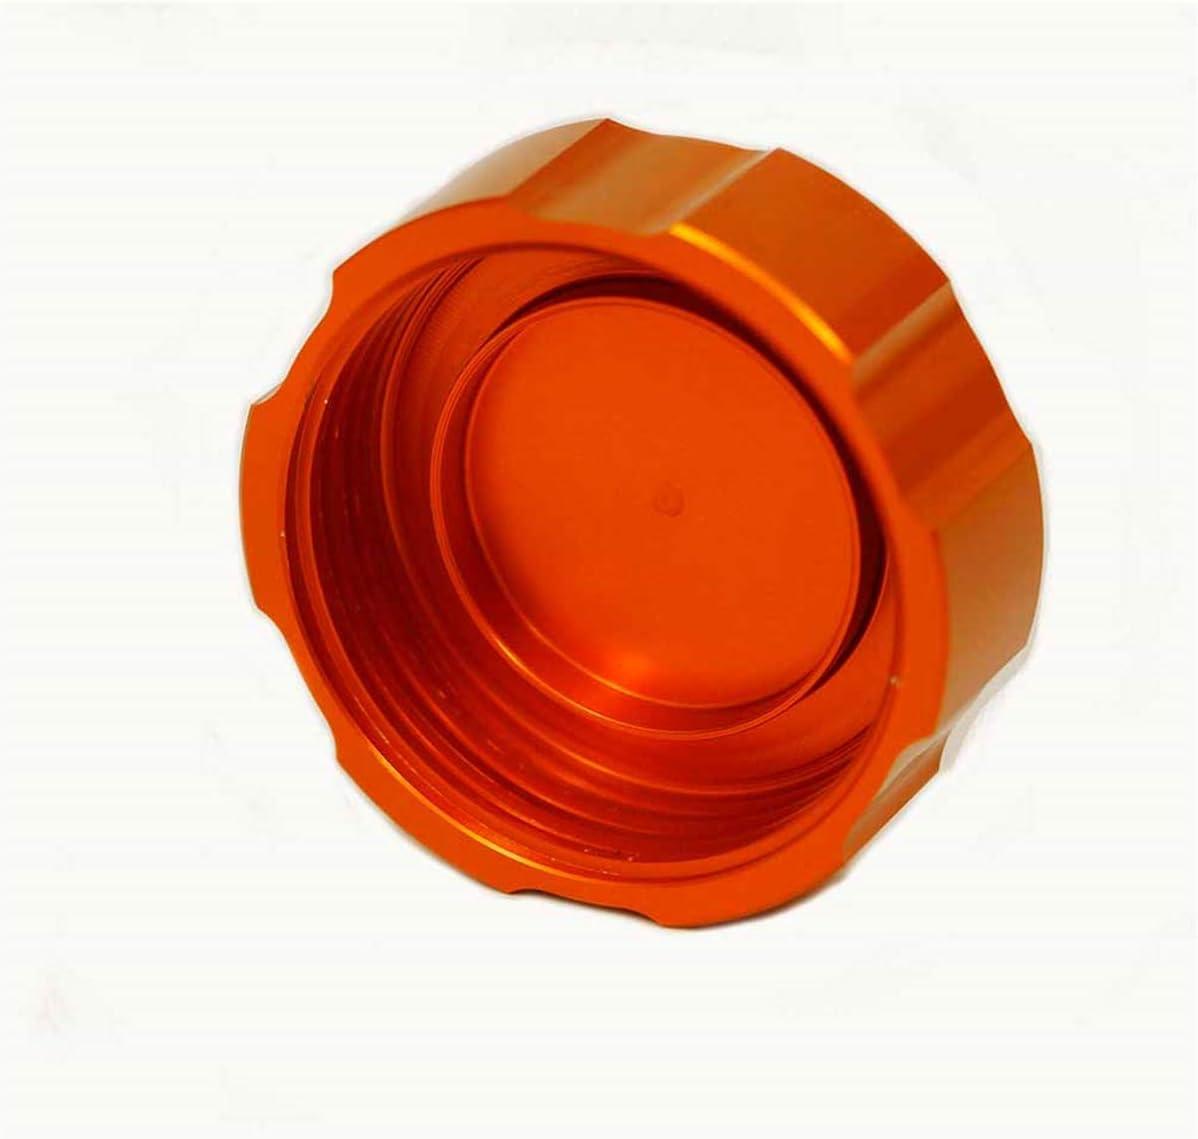 Hunter-Bike Rear Brake Fluid Reservoir Cap Brake Oil Cover for KTM DUKE 390 125 200 250 2013-2018 Orange